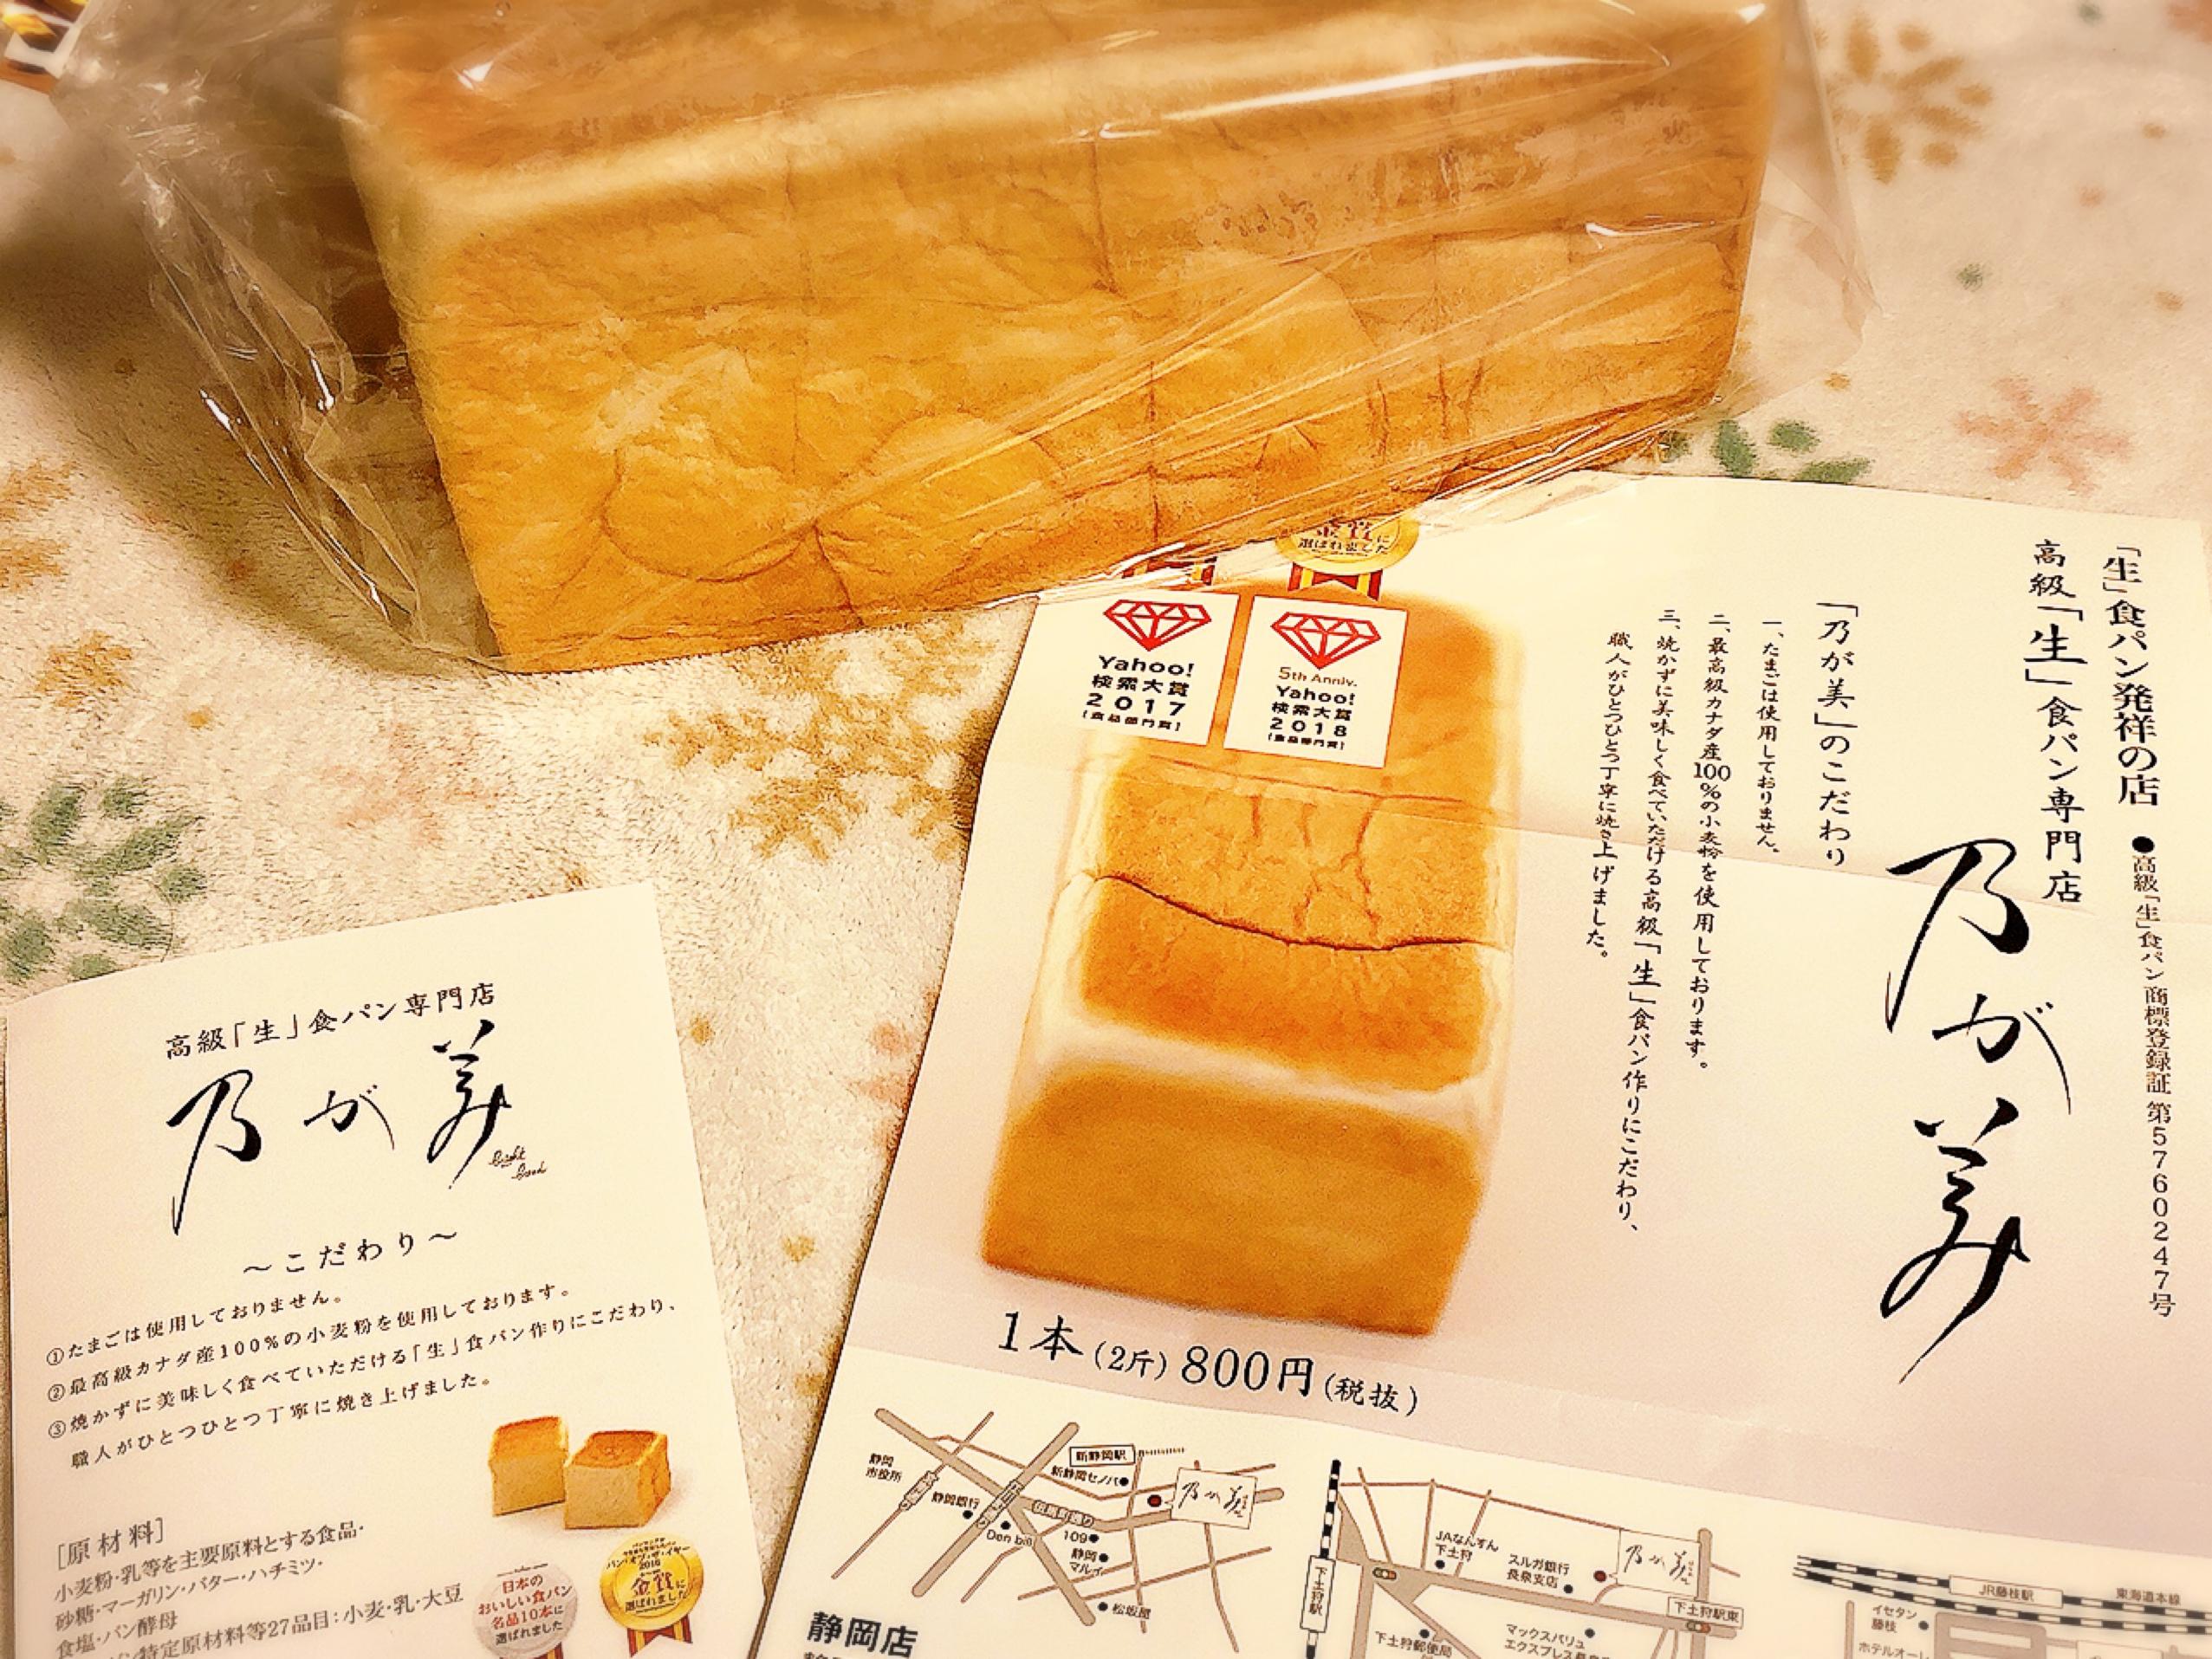 【乃が美】全国151店舗!そのまま食べても美味しい高級生食パン*おうちで絶品フレンチトーストにアレンジ( ´ ▽ ` )♡_2